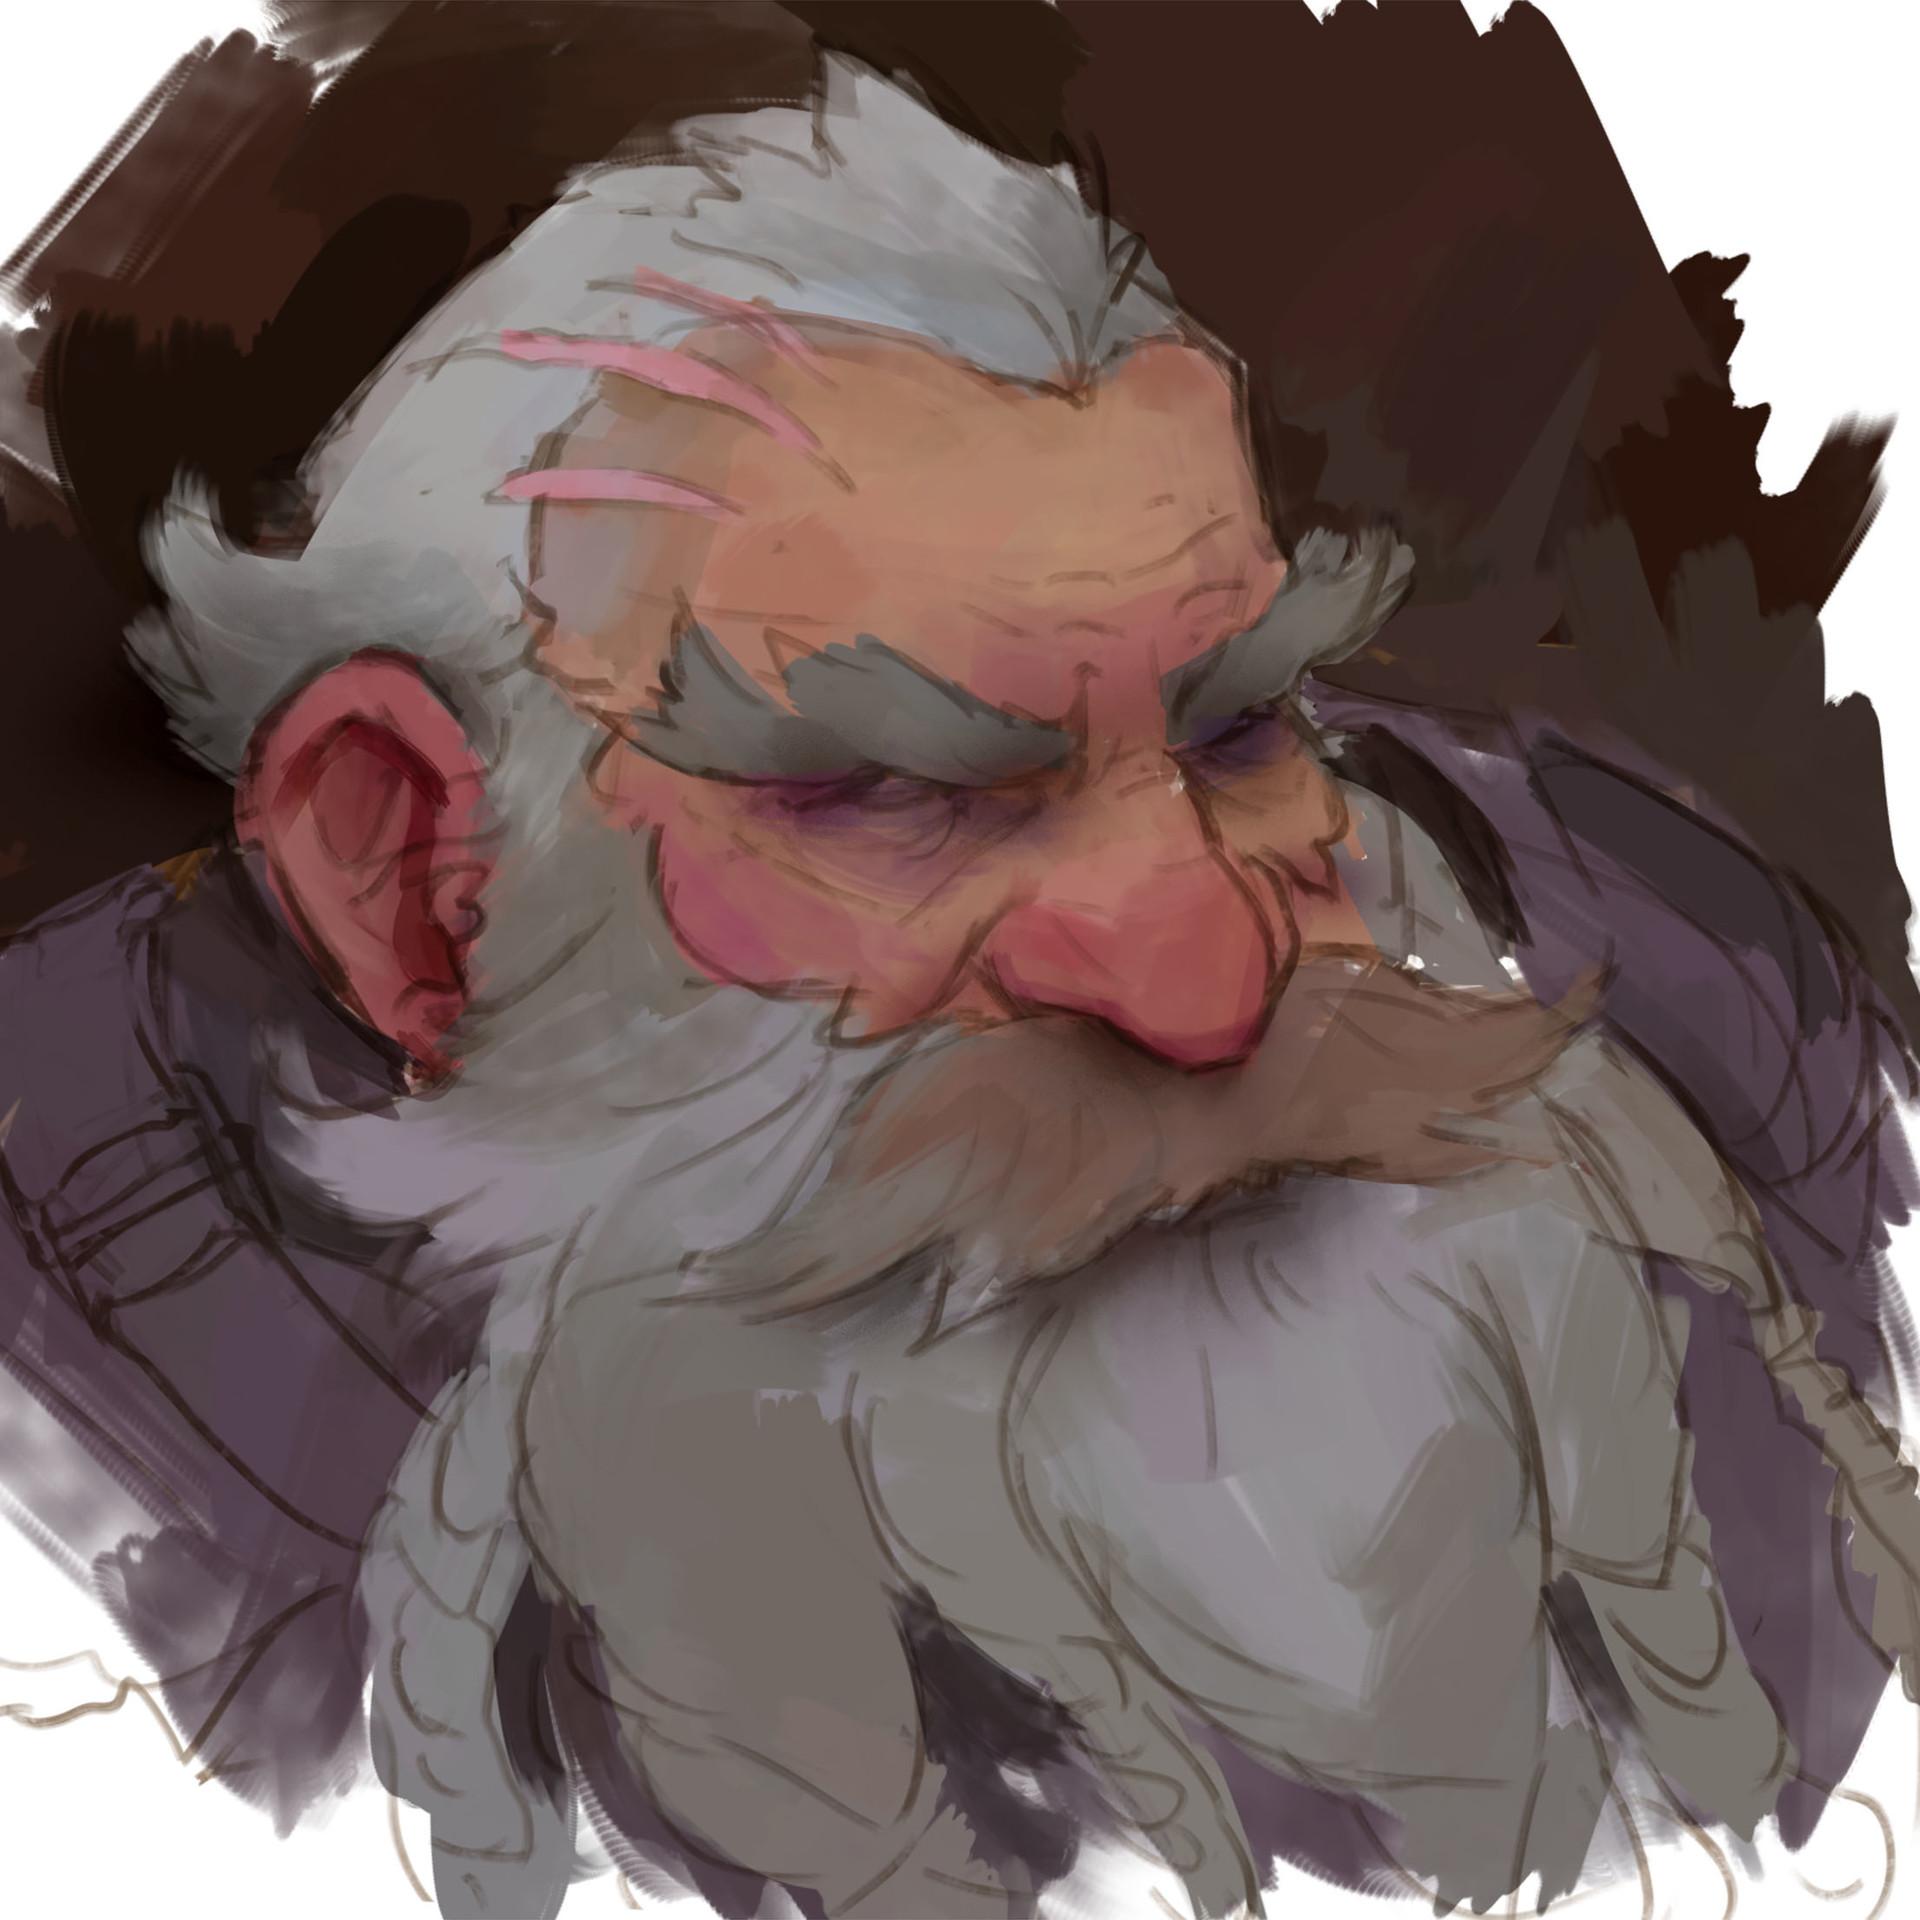 Clint cearley dwarf 3